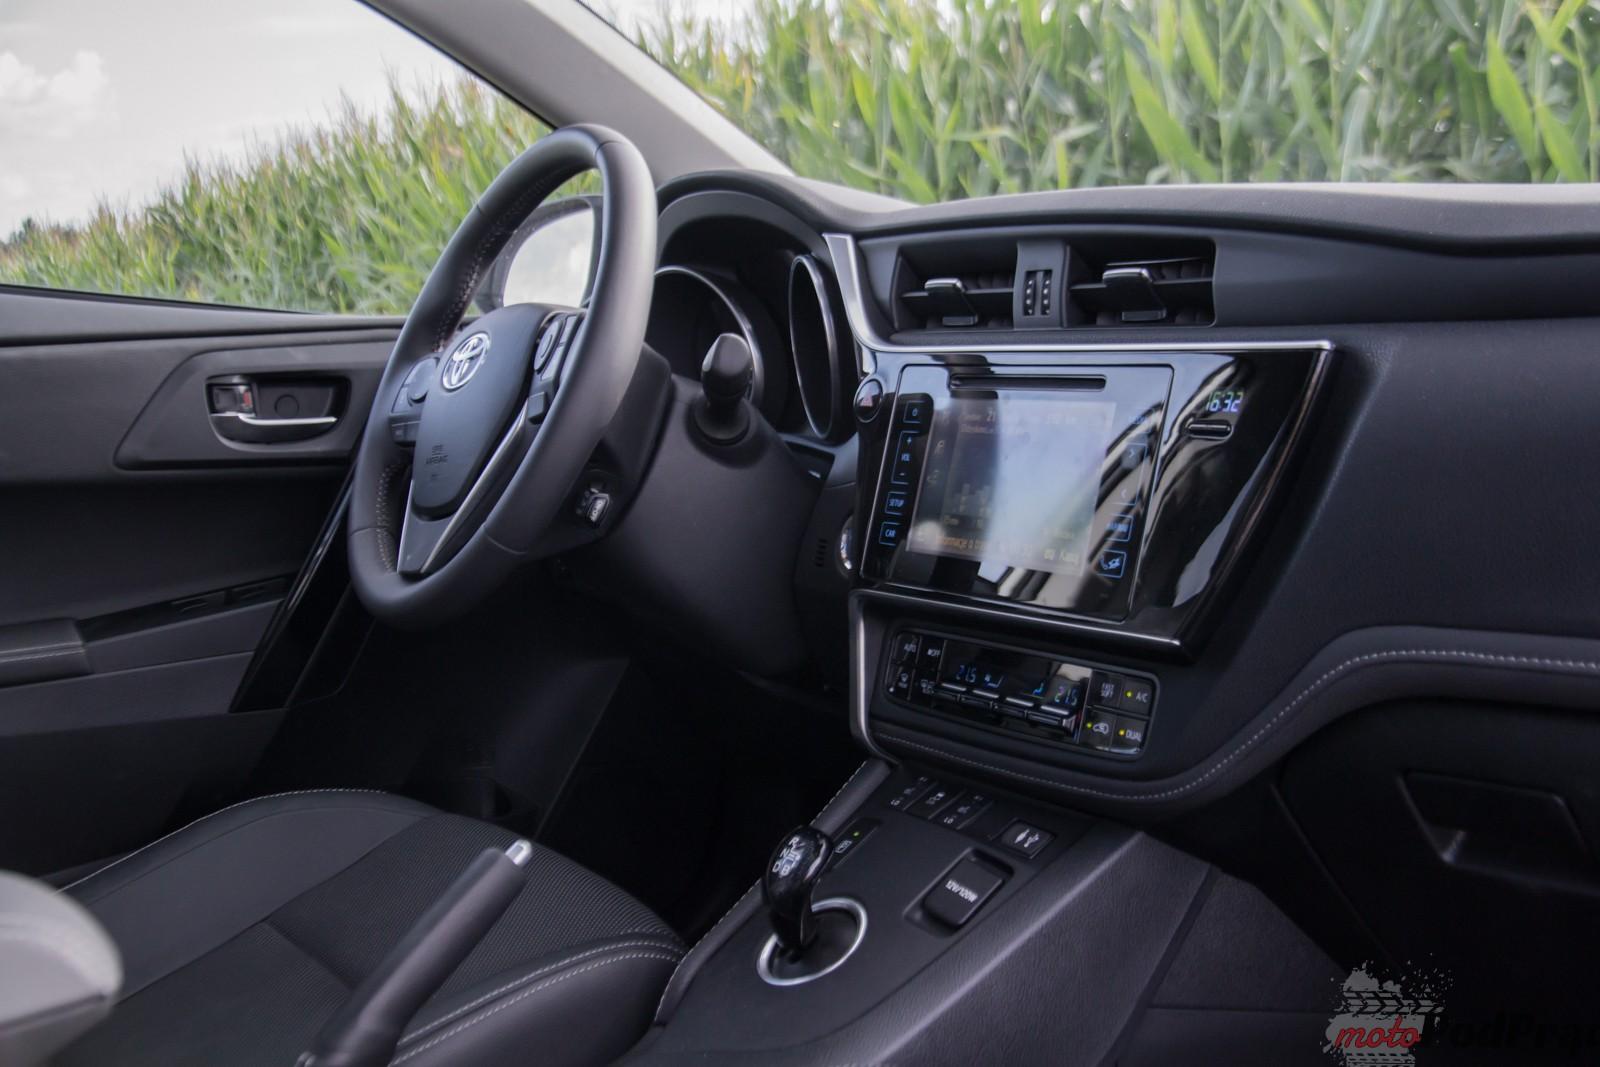 Test Toyota Auris Hybrid – popija benzynę przez słomkę 13 Test: Toyota Auris Hybrid – popija benzynę przez słomkę